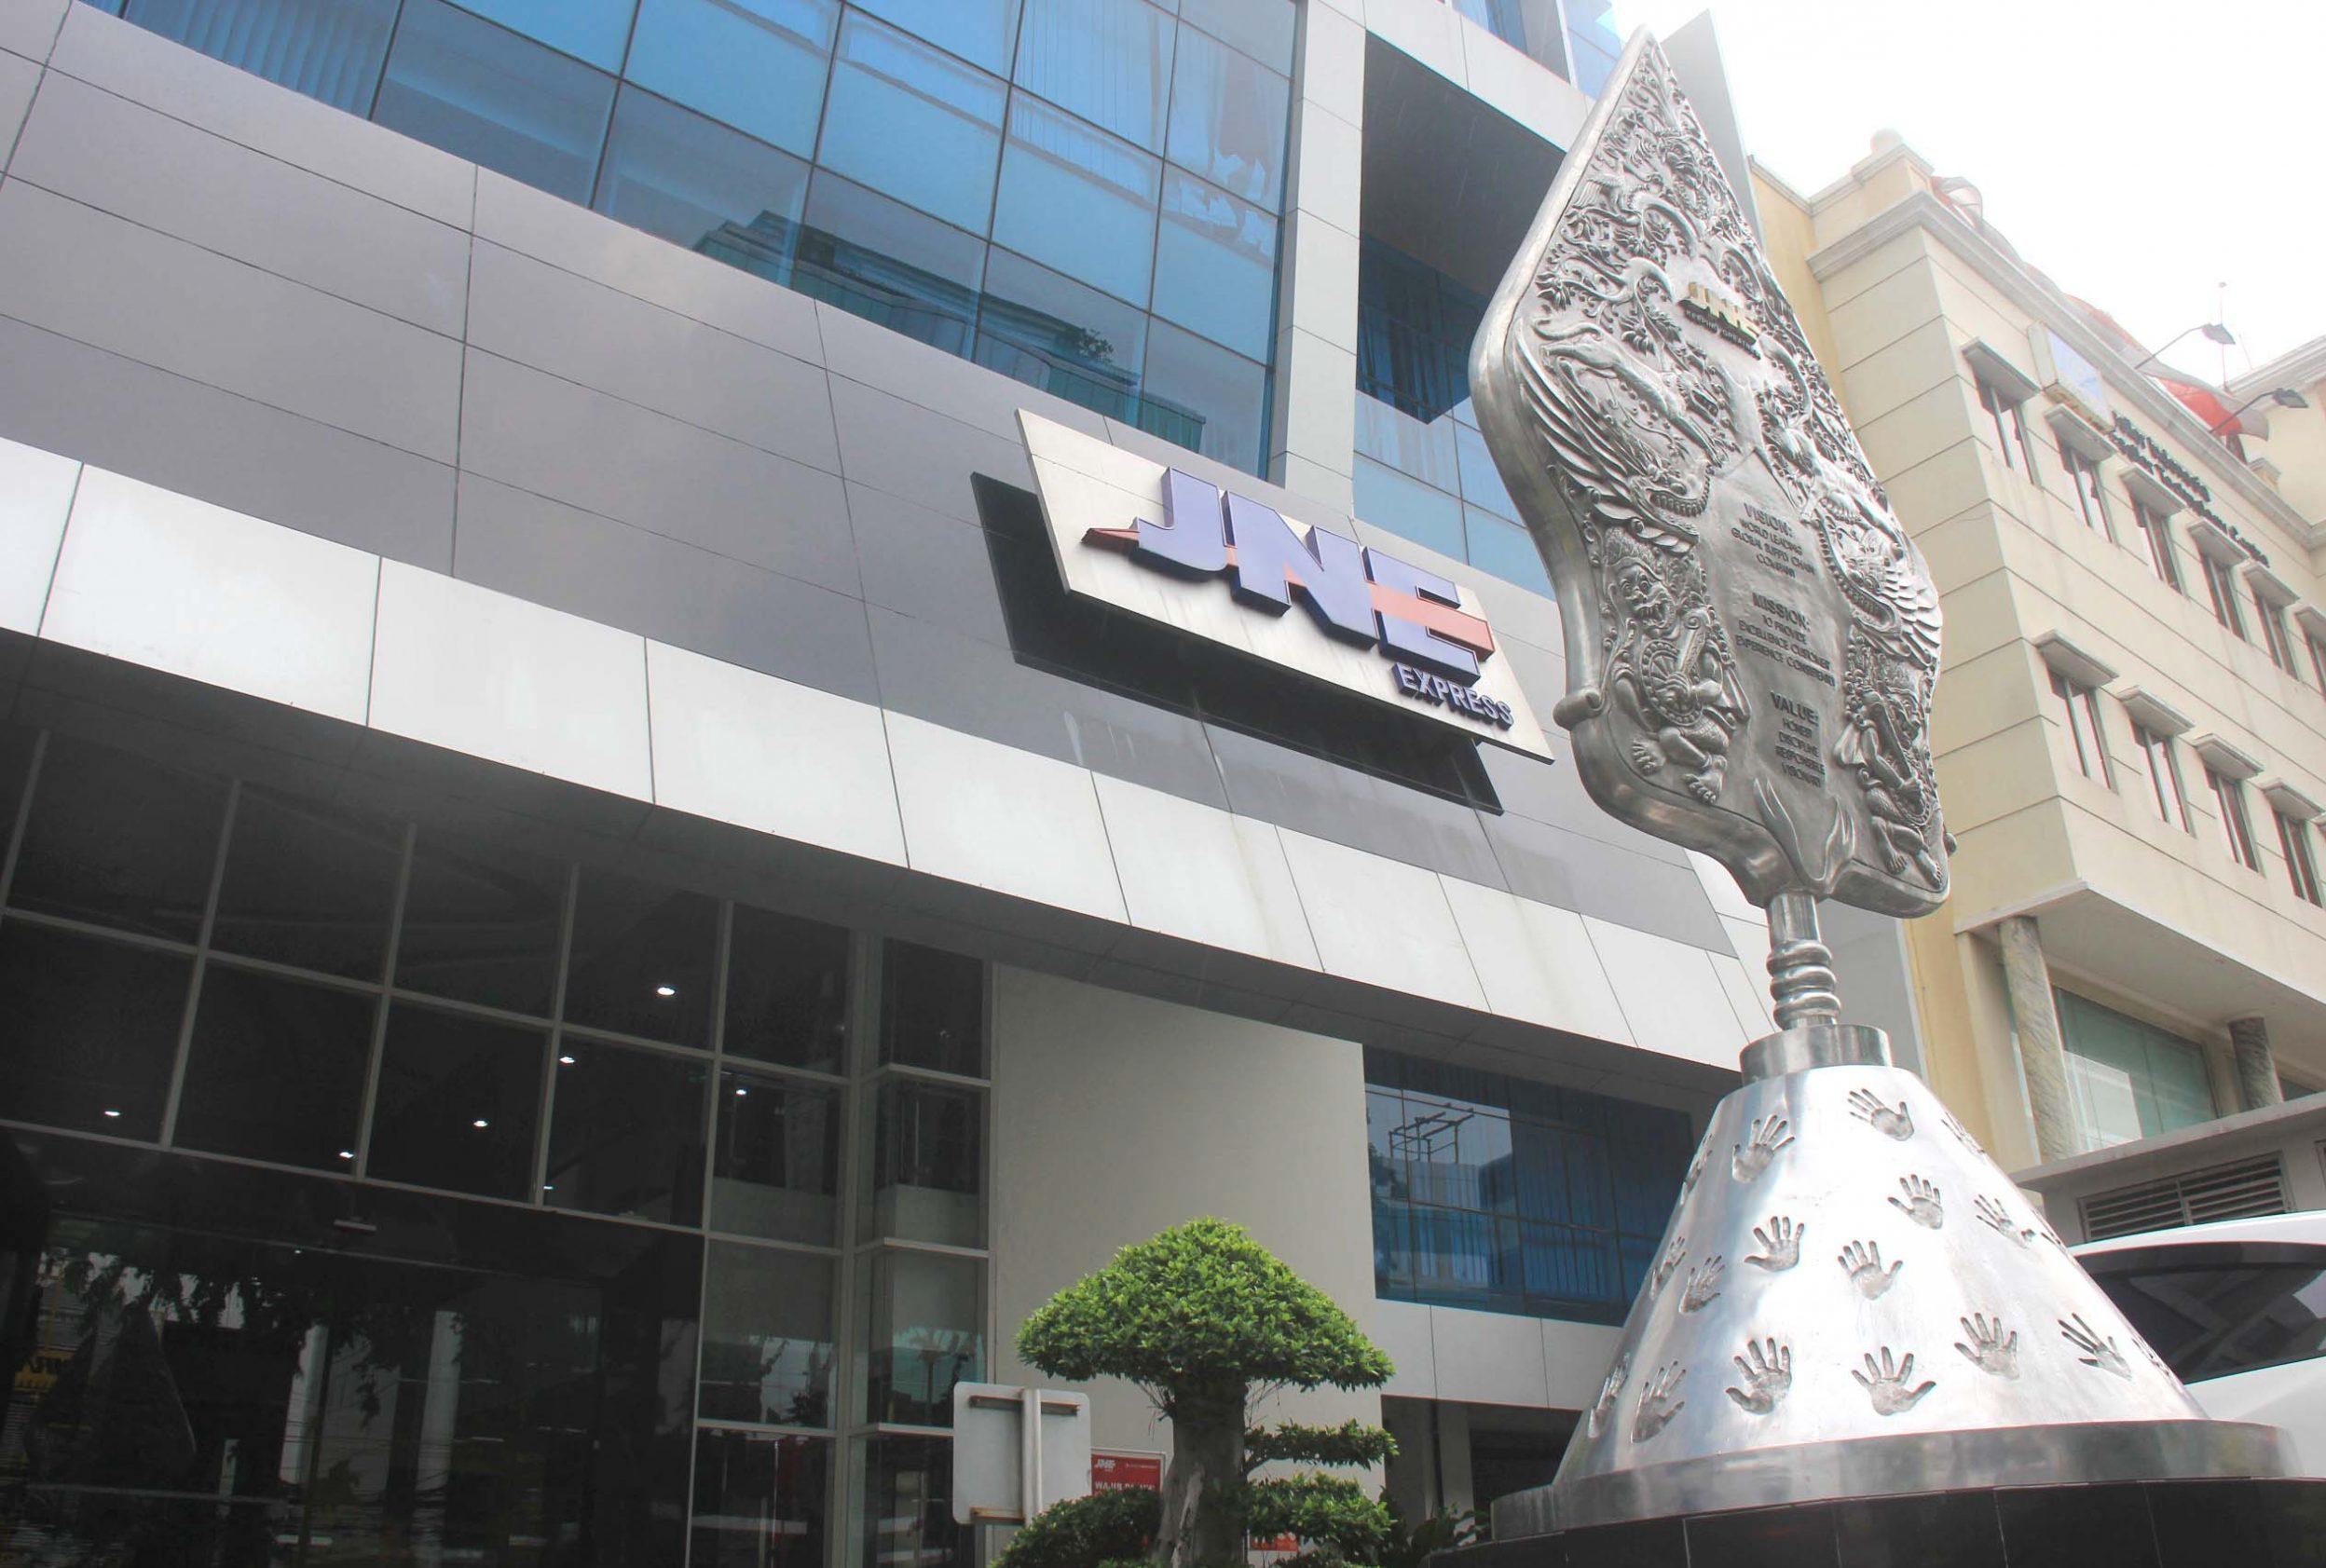 Kantor Pusat JNE di Jl. Tomang Raya Jakarta Barat.